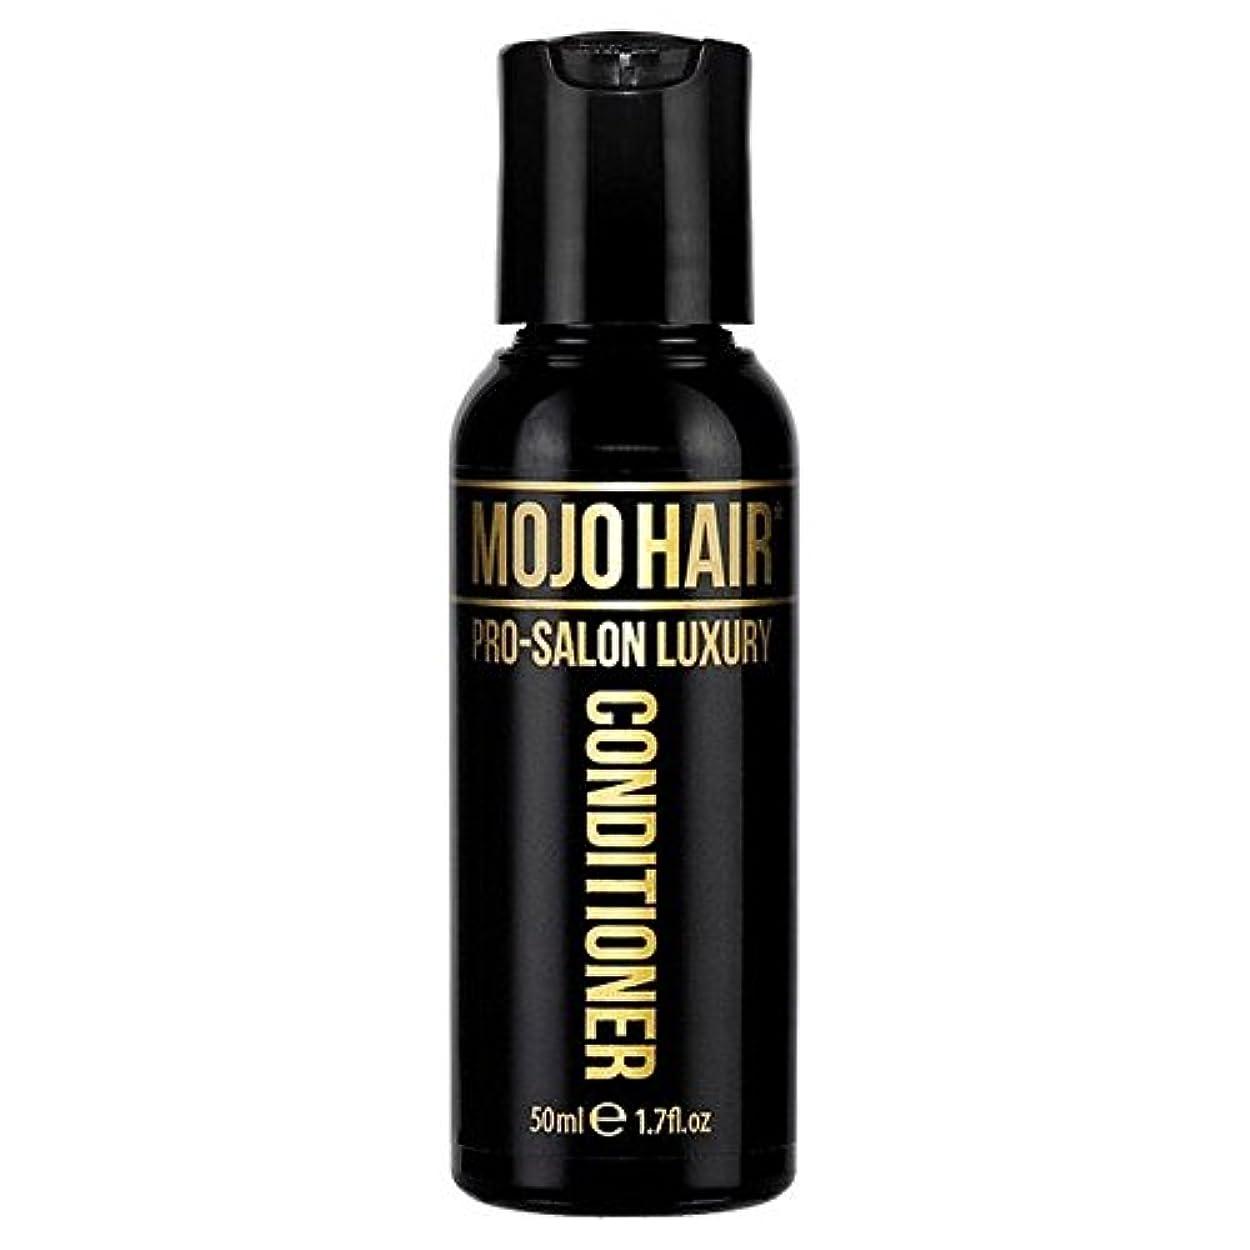 男性のためのモジョの毛プロのサロンの贅沢な香りコンディショナー、トラベルサイズの50ミリリットル x4 - MOJO HAIR Pro-Salon Luxury Fragrance Conditioner for Men...